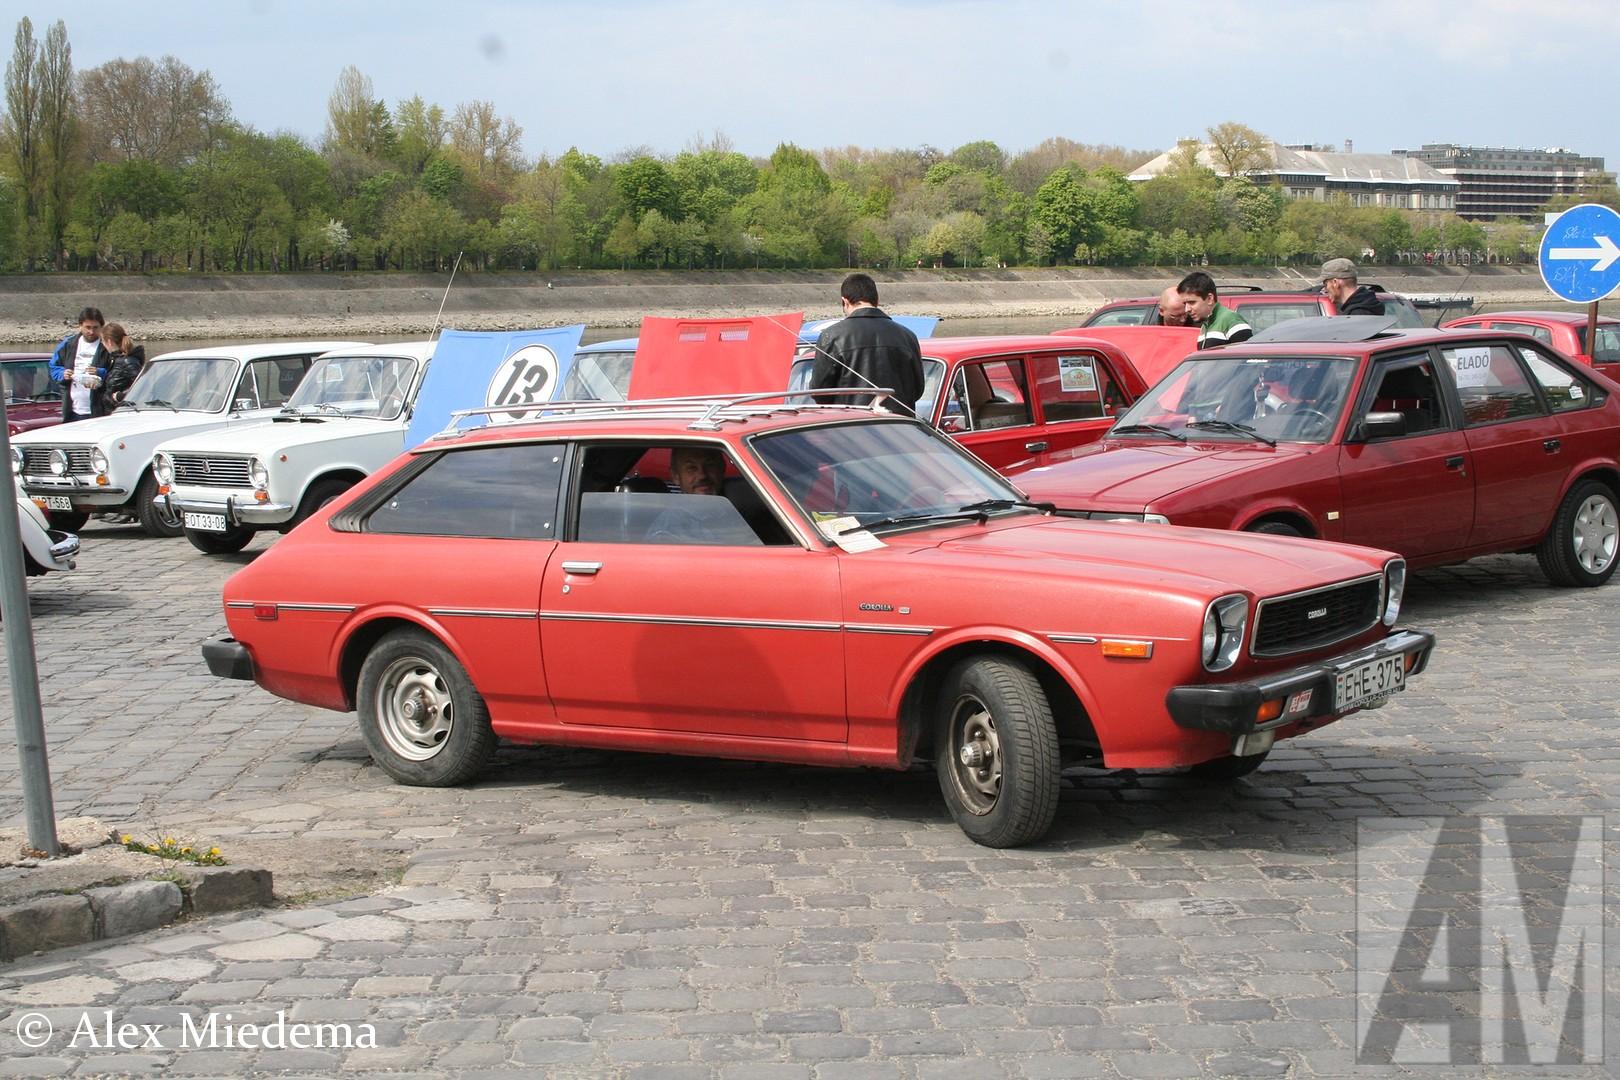 Toyota Corolla zijn sinds 1966 al ruim 35 miljoen exemplaren gebouwd, daarmee is het de best verkochte auto ter wereld. De meeste Corolla's zijn tergend saai, de zijn sinds 1966 al ruim 35 miljoen exemplaren gebouwd, daarmee is het de best verkochte auto ter wereld. De meeste Corolla's zijn tergend saai, de zijn sinds 1966 al ruim 35 miljoen exemplaren gebouwd, daarmee is het de best verkochte auto ter wereld. De meeste Corolla's zijn tergend saai, de zijn sinds 1966 al ruim 35 miljoen exemplaren gebouwd, daarmee is het de best verkochte auto ter wereld. De meeste Corolla's zijn tergend saai, de zijn sinds 1966 al ruim 35 miljoen exemplaren gebouwd, daarmee is het de best verkochte auto ter wereld. De meeste Corolla's zijn tergend saai, de zijn sinds 1966 al ruim 35 miljoen exemplaren gebouwd, daarmee is het de best verkochte auto ter wereld. De meeste Corolla's zijn tergend saai, de zijn sinds 1966 al ruim 35 miljoen exemplaren gebouwd, daarmee is het de best verkochte auto ter wereld. De meeste Corolla's zijn tergend saai, de Liftback